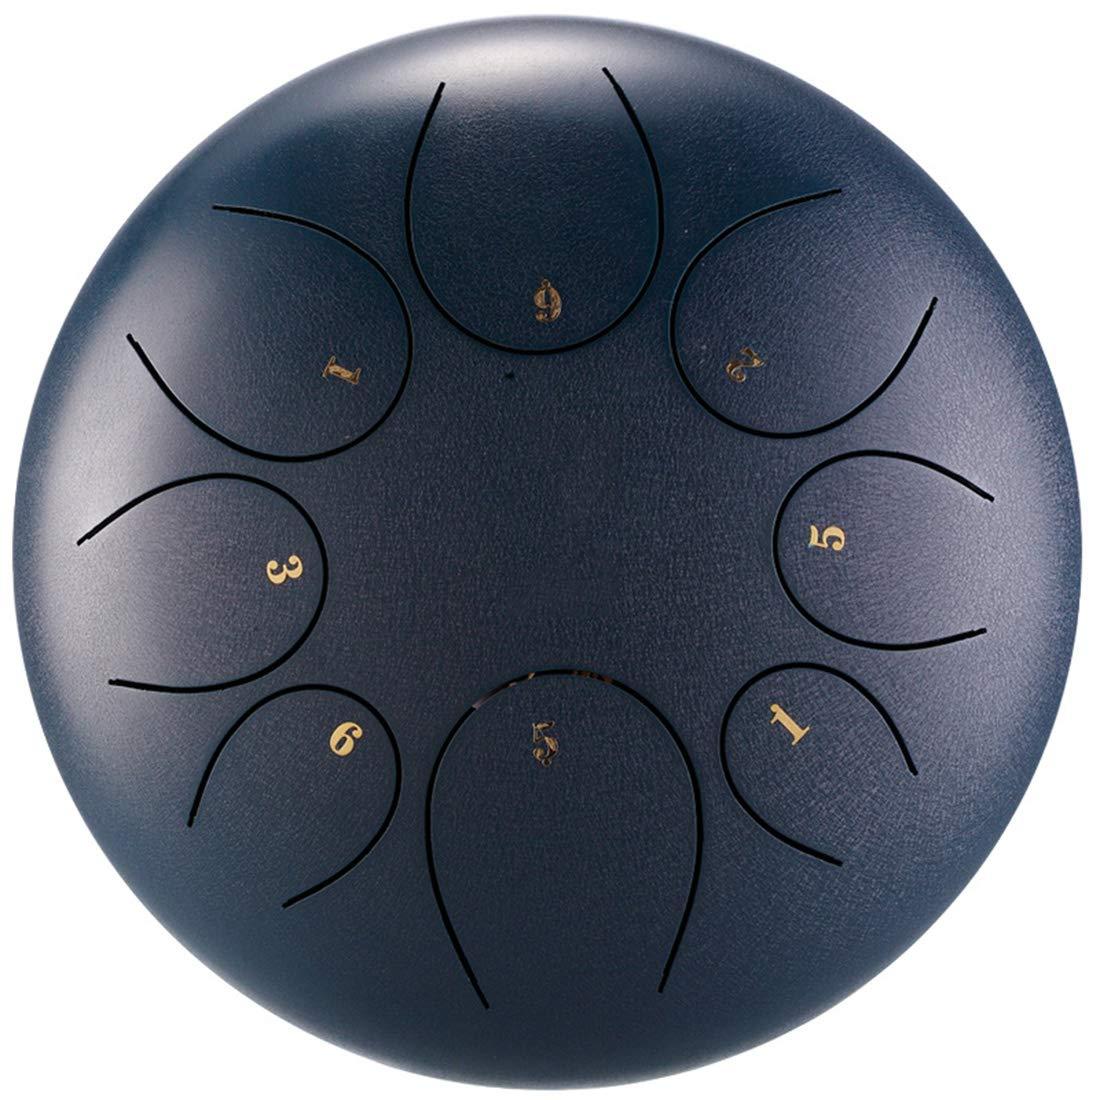 CCDYLQ Tambour à Tambour en Acier Professionnel avec tambour6 Pouces 8 Notes Tambour à métal Haut de Gamme dans Un Tambour élégant avec Tambour et Baguette,Blue